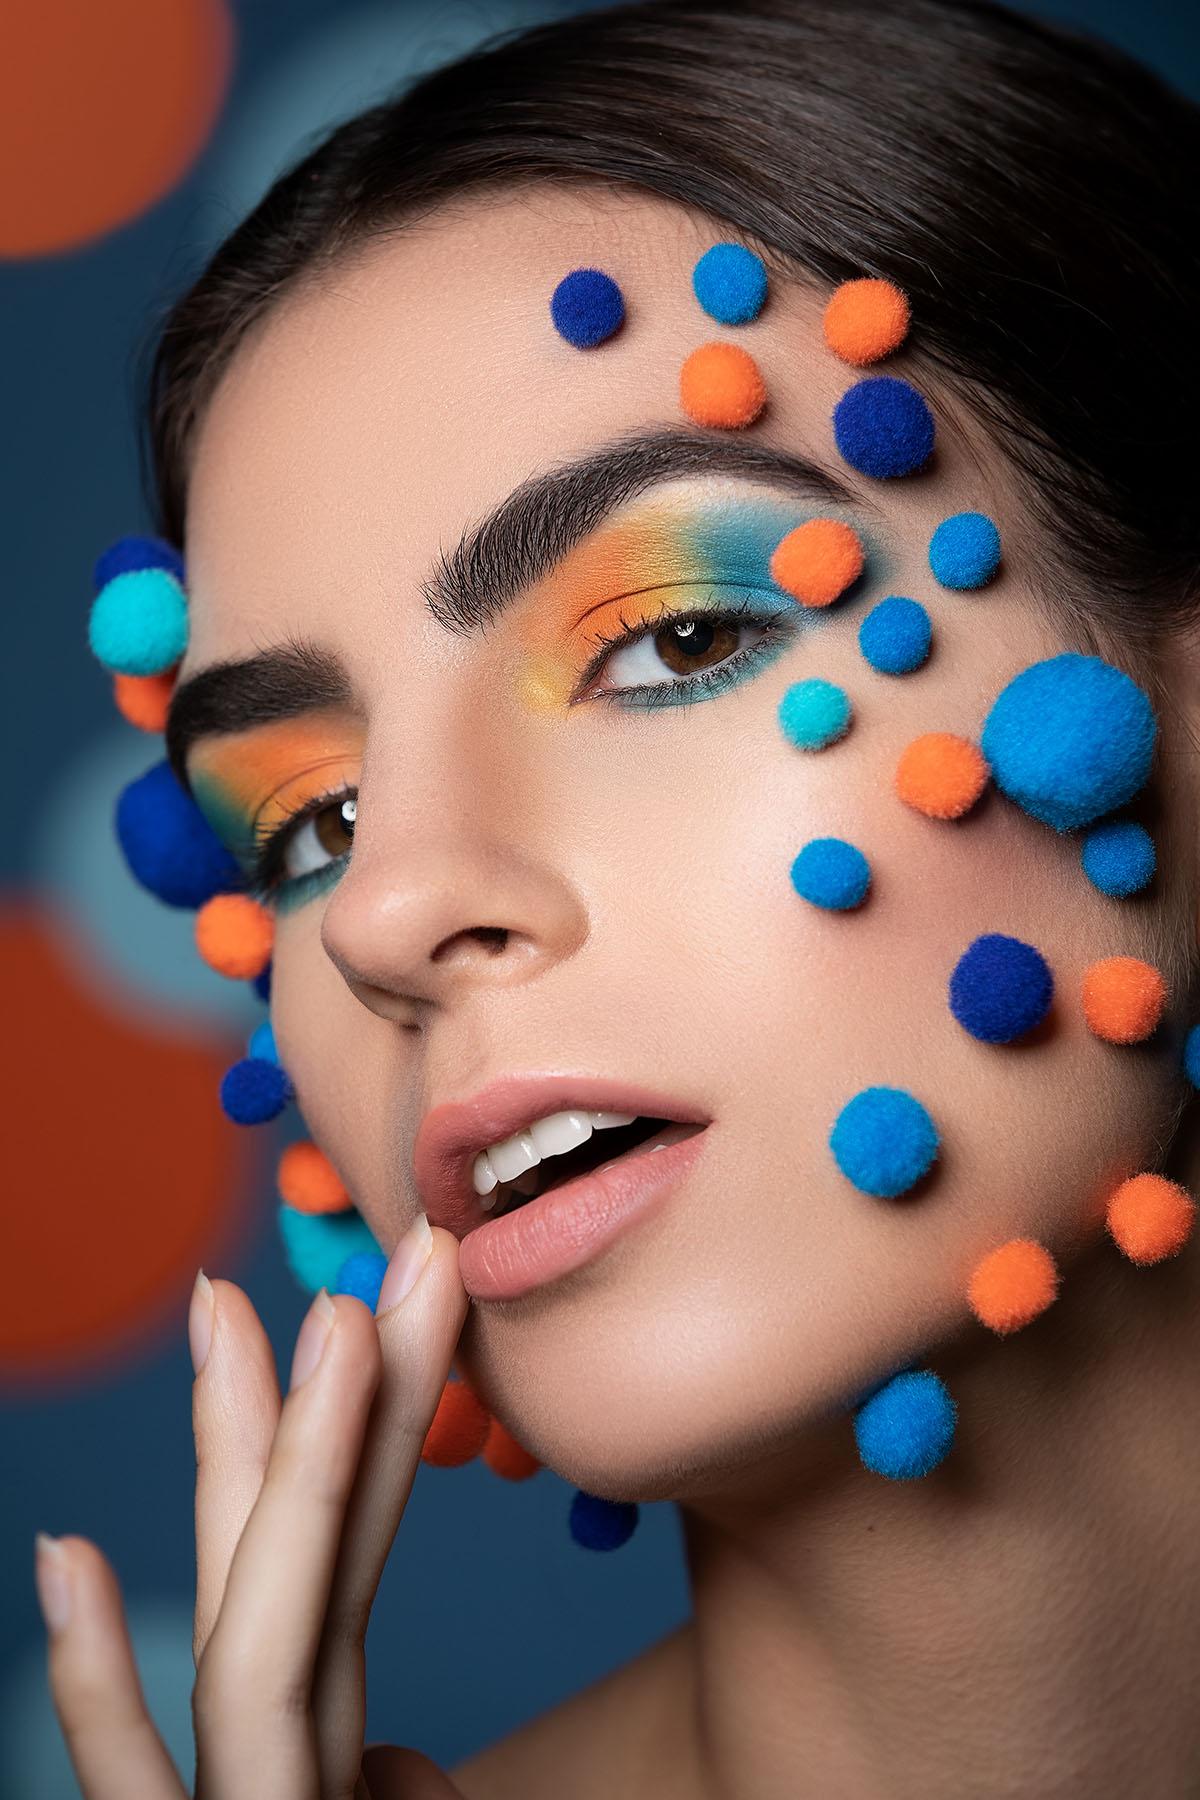 Avantgarde beauty portrait of model Alina by Loesje Kessels Fashion Photographer Dubai